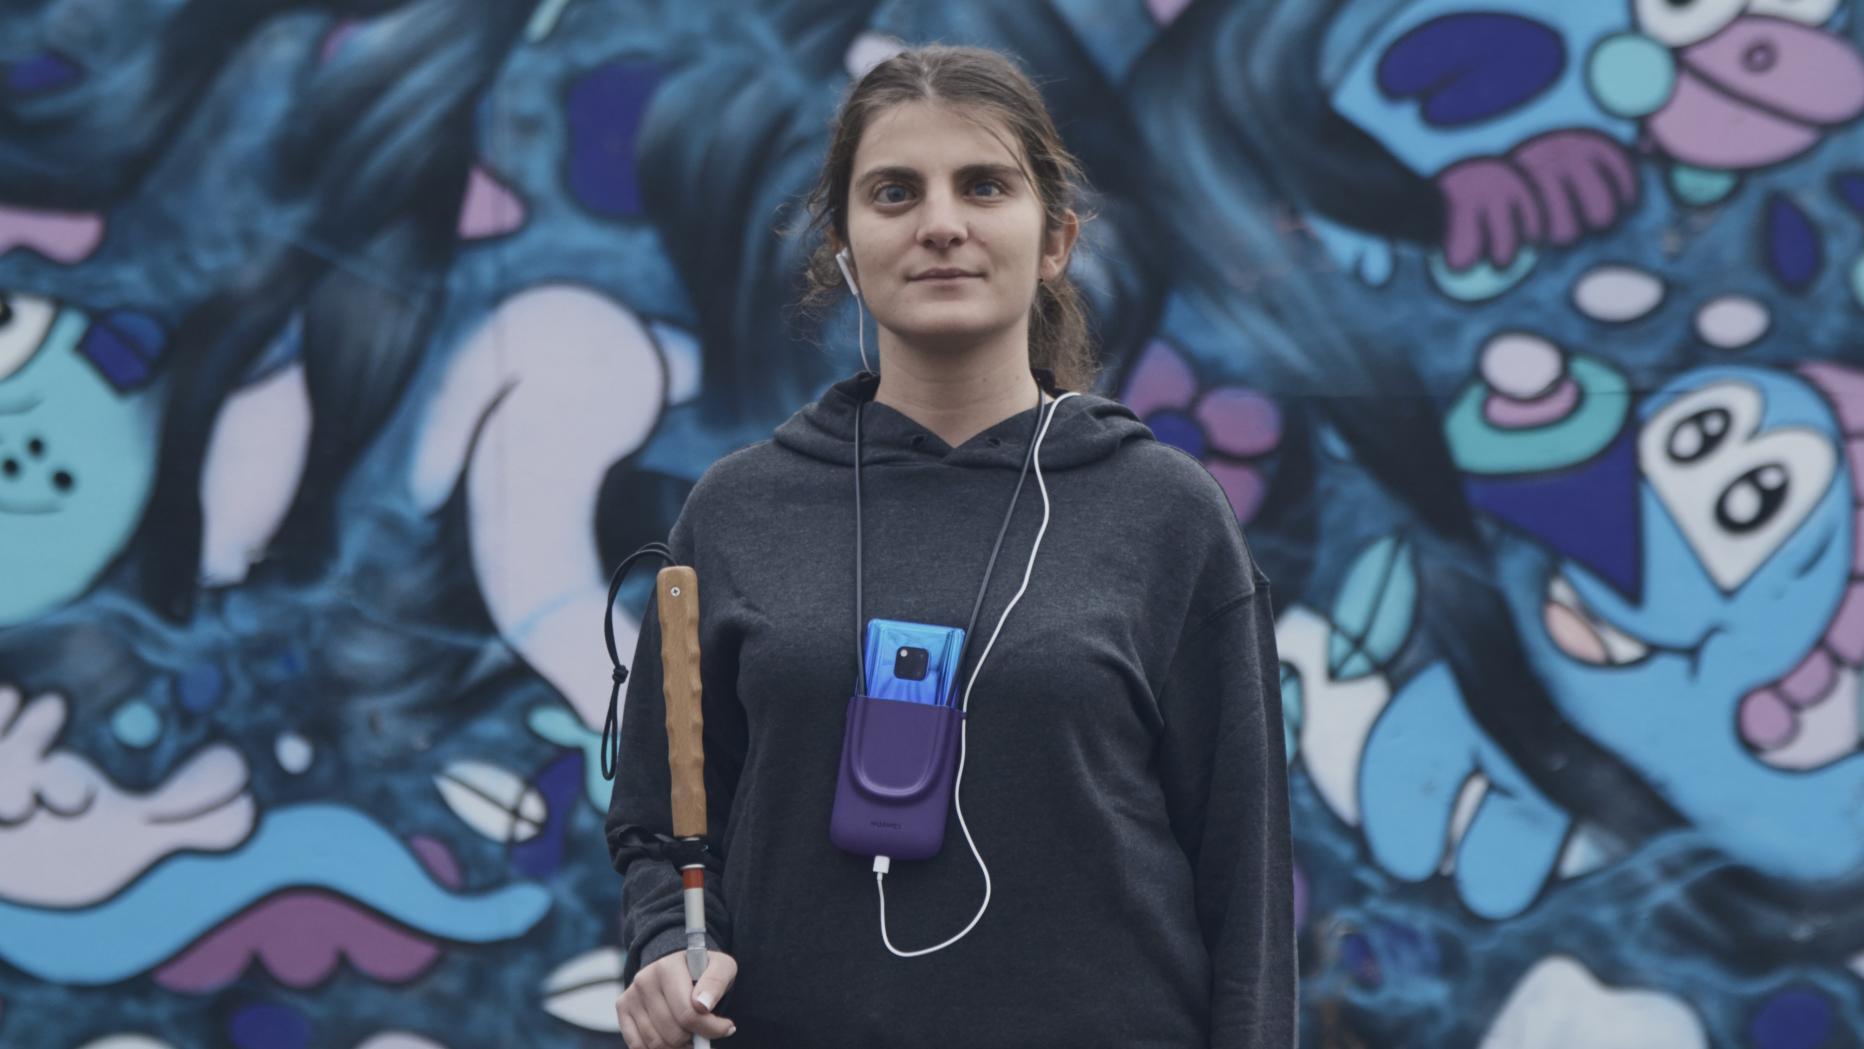 Handy-App lässt Sehbehinderte Emotionen erkennen